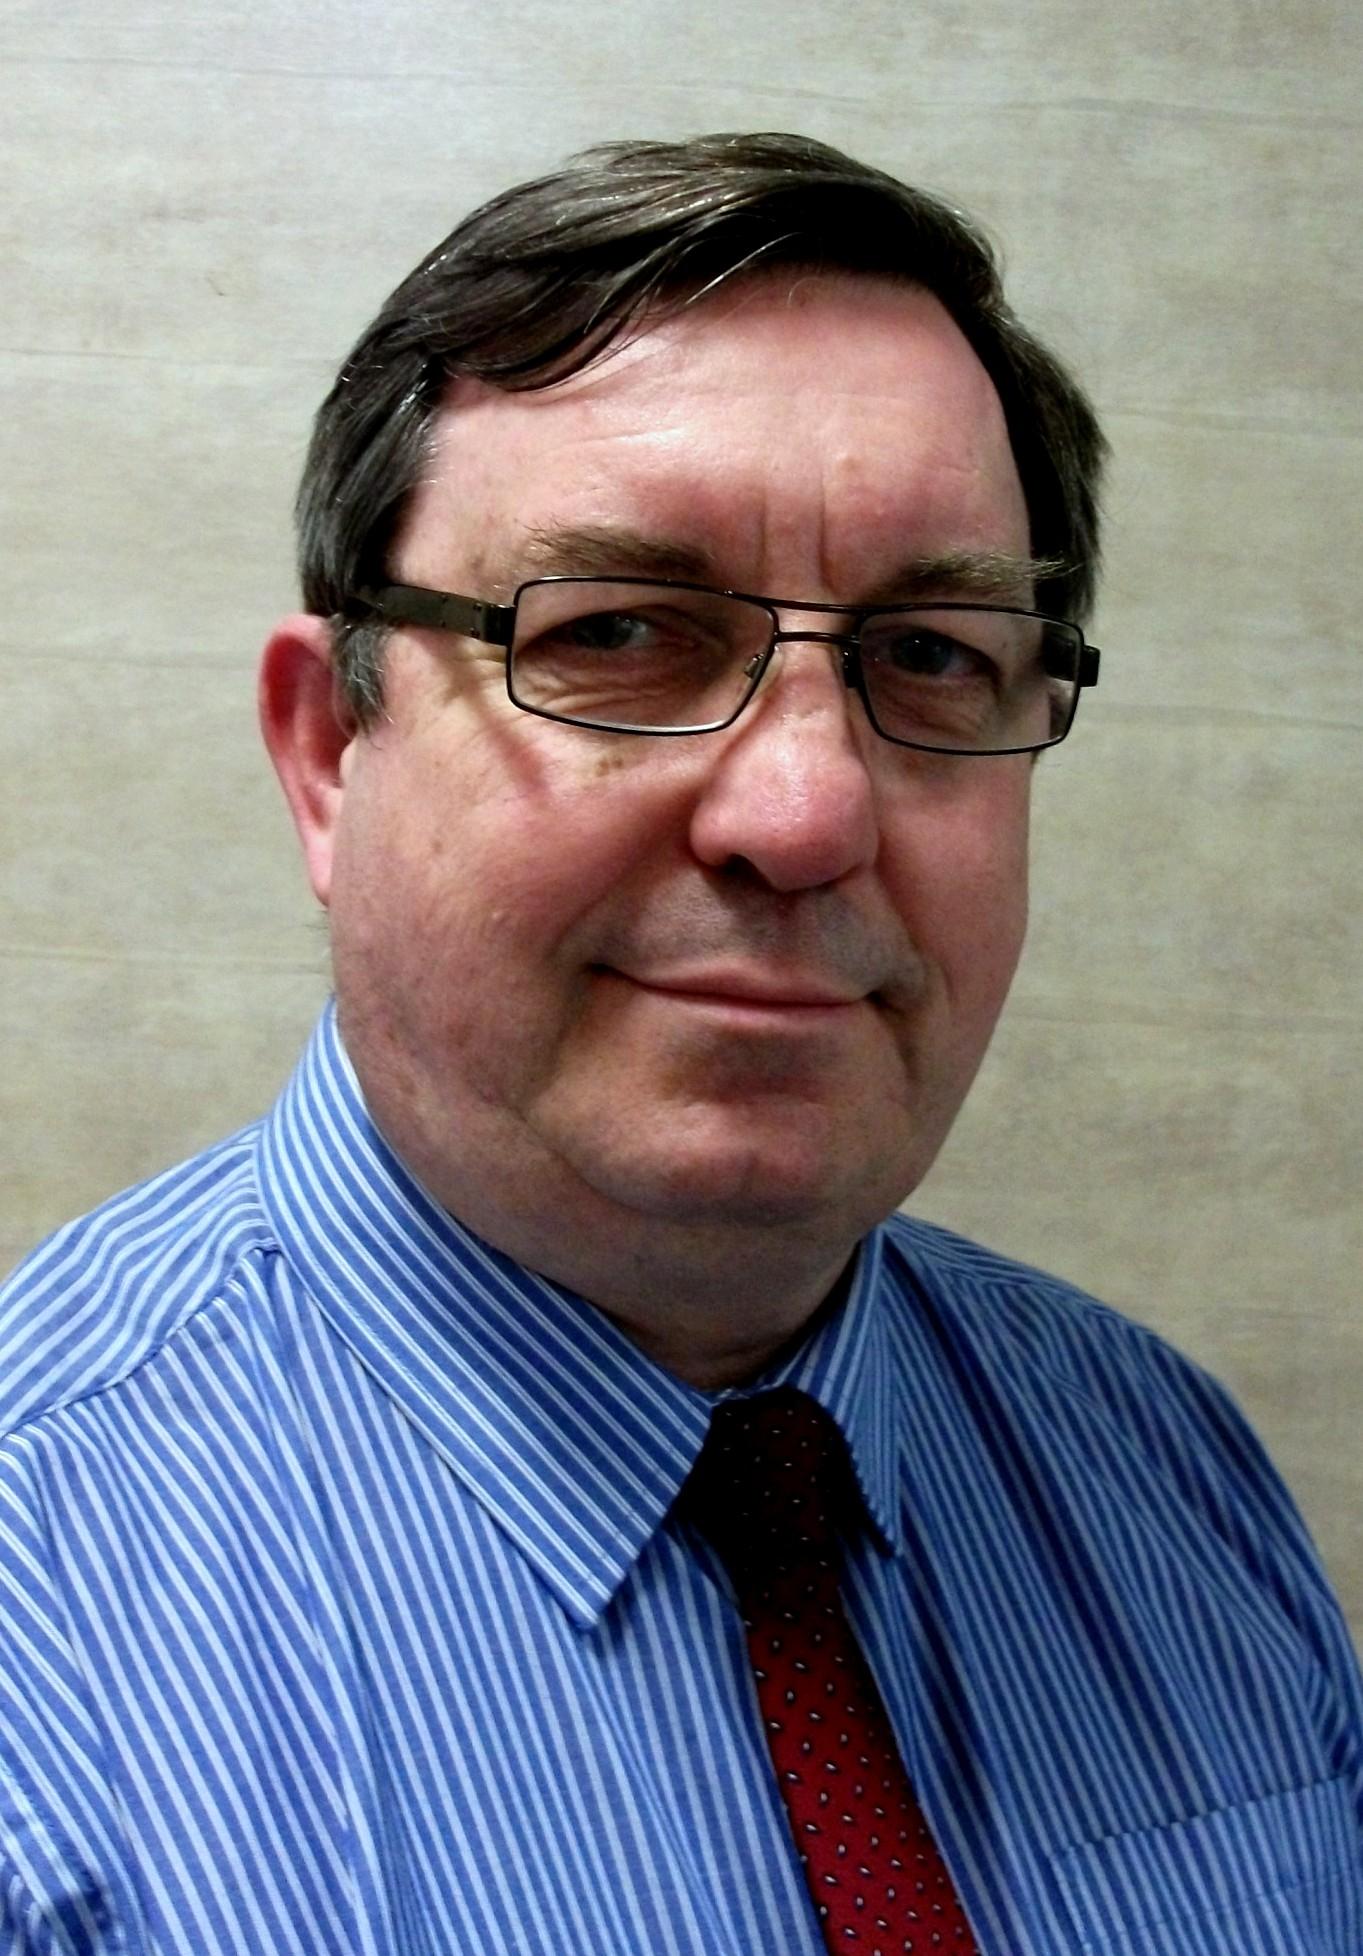 Mike Vanstone